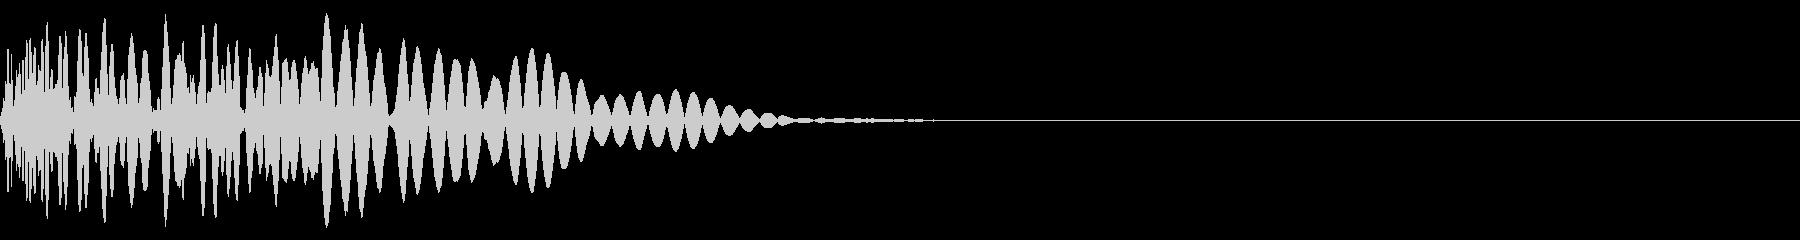 ドドン(しりもち/ぶつかる/衝撃)の未再生の波形